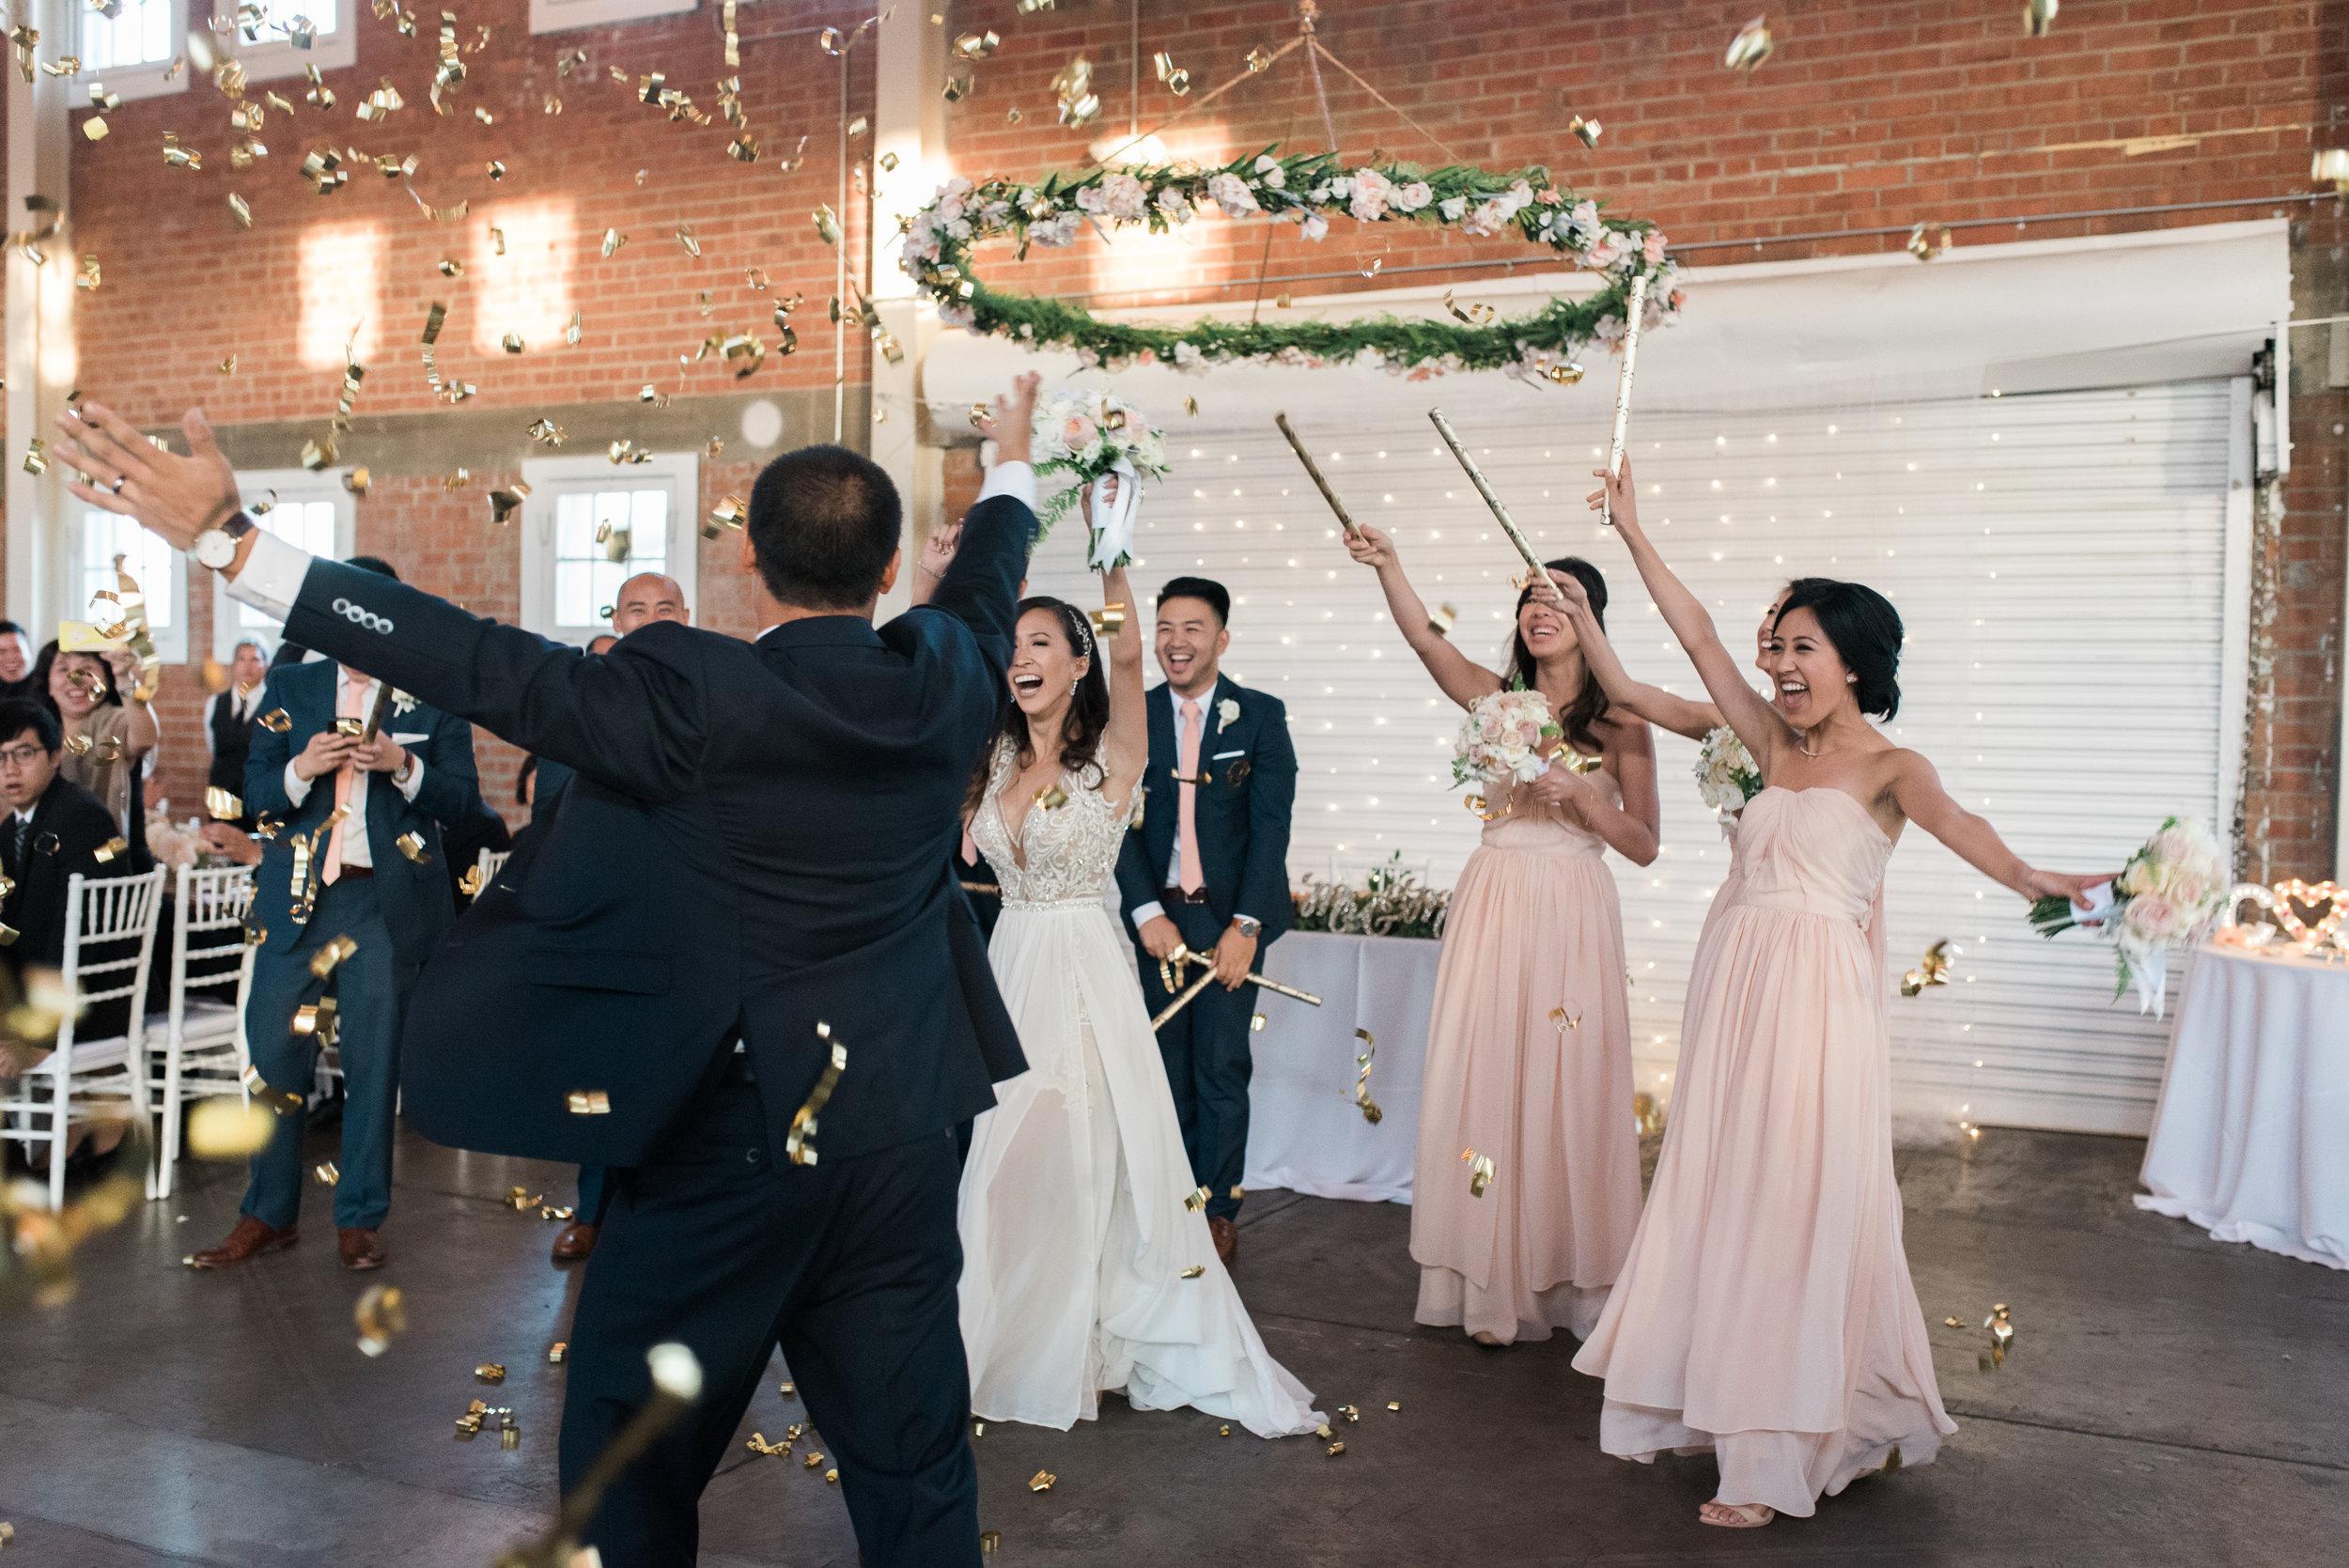 brick-san-diego-wedding-planner-best-wedding-planner-southern-california147.jpg